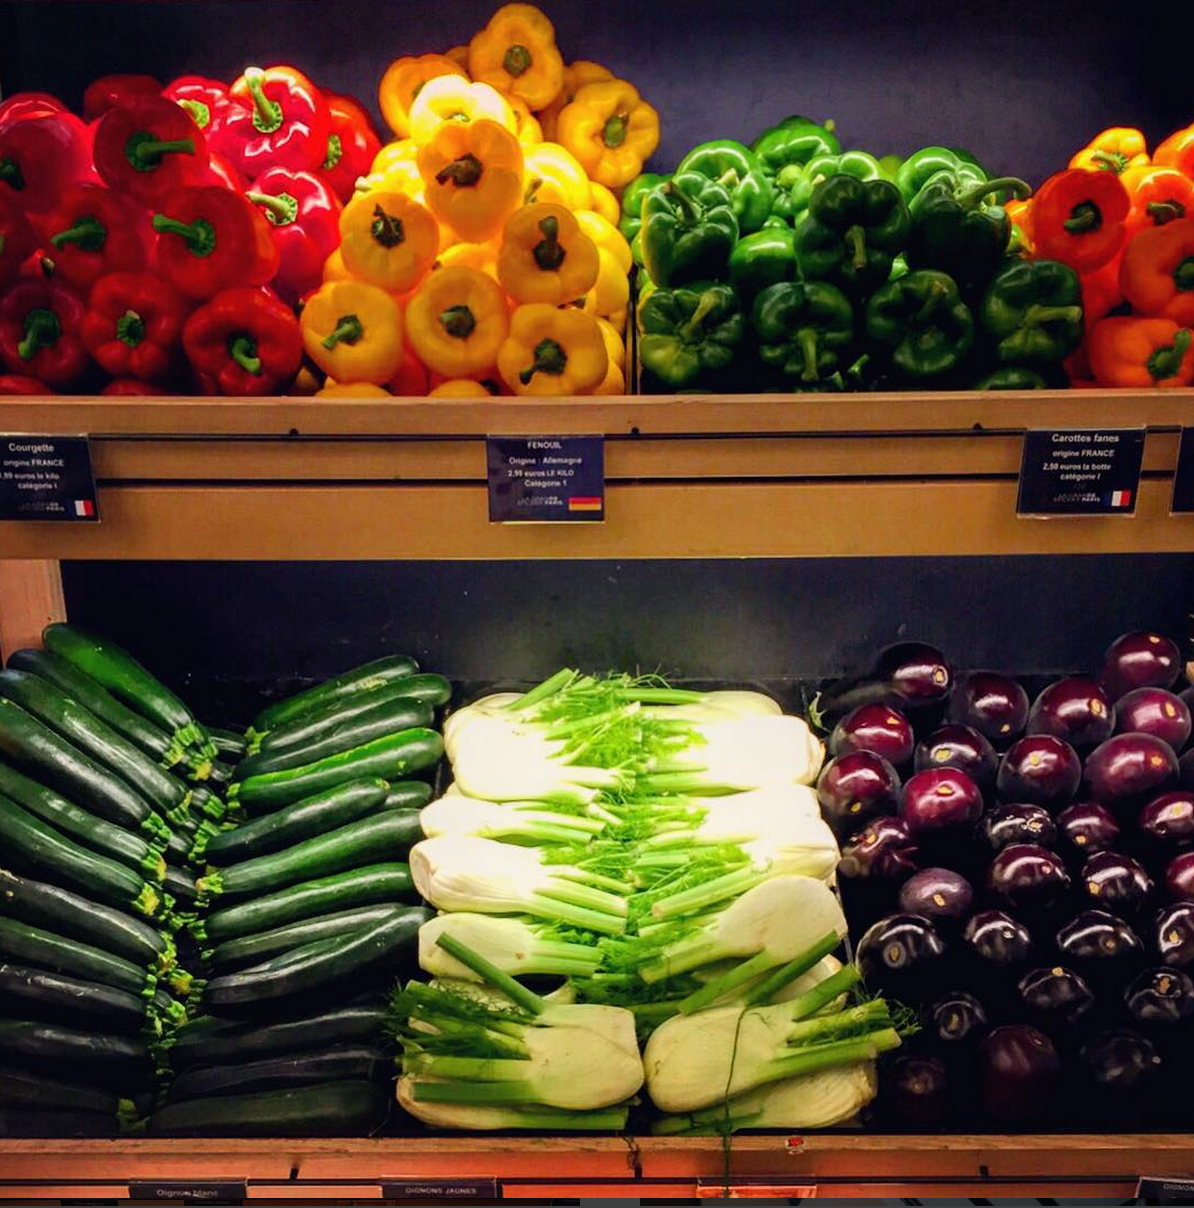 onde comprar produtos organicos